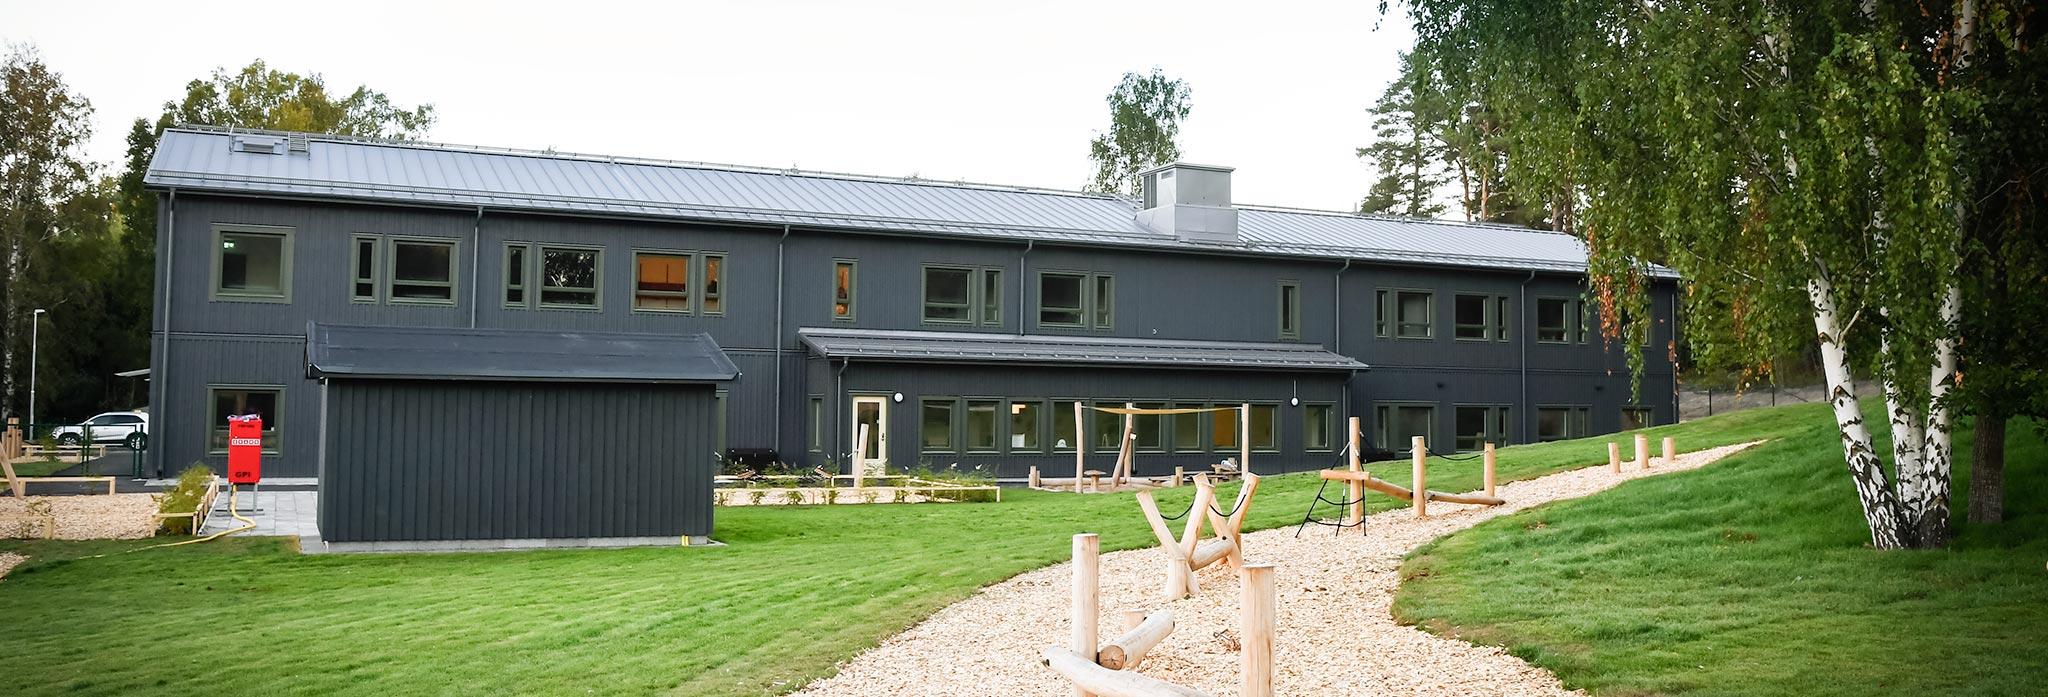 En byggnad utomhus med lakpark